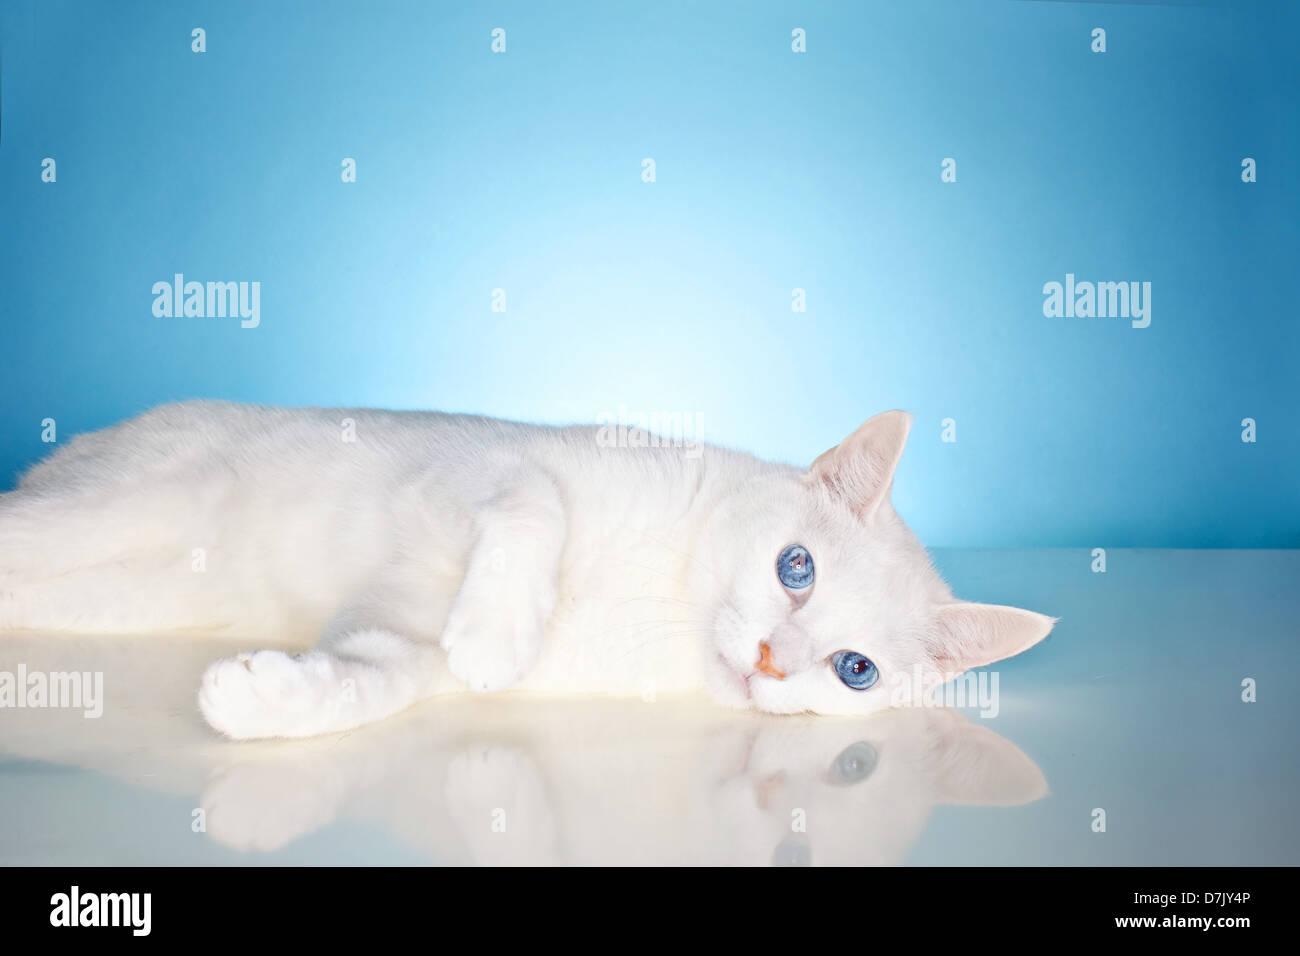 Wunderschöne reine weiße Katze mit China blaue Augen starren Kamera gegen blaue Studio-Hintergrund Stockbild